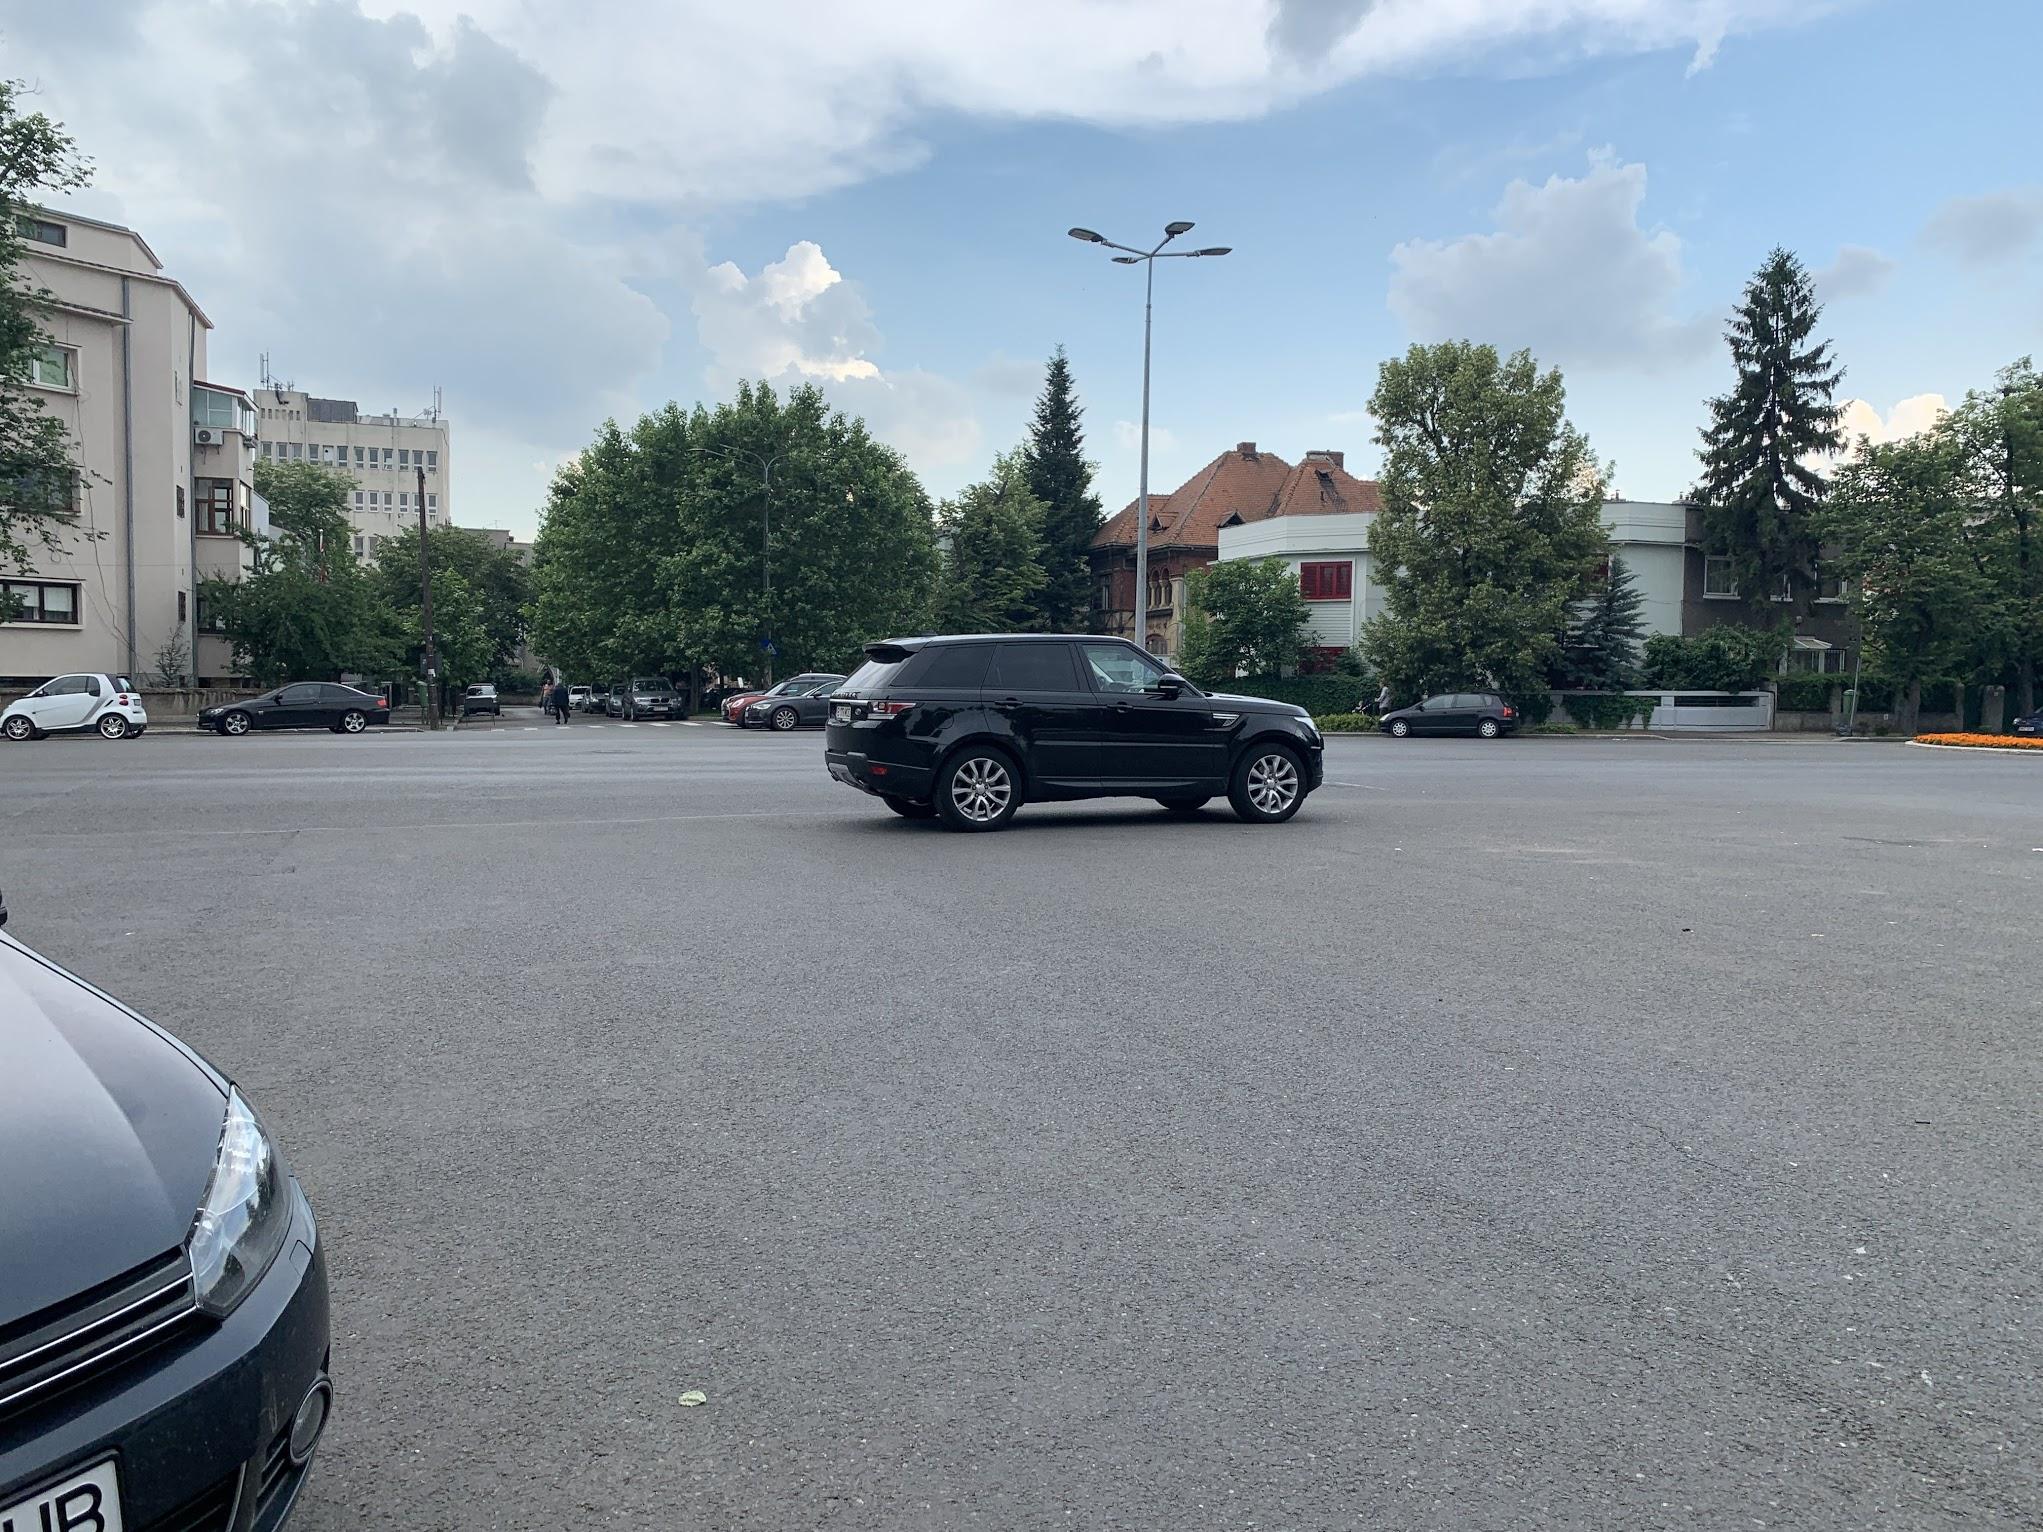 Veľká križovatka? Skvelé miesto na parkovanie v jej strede.